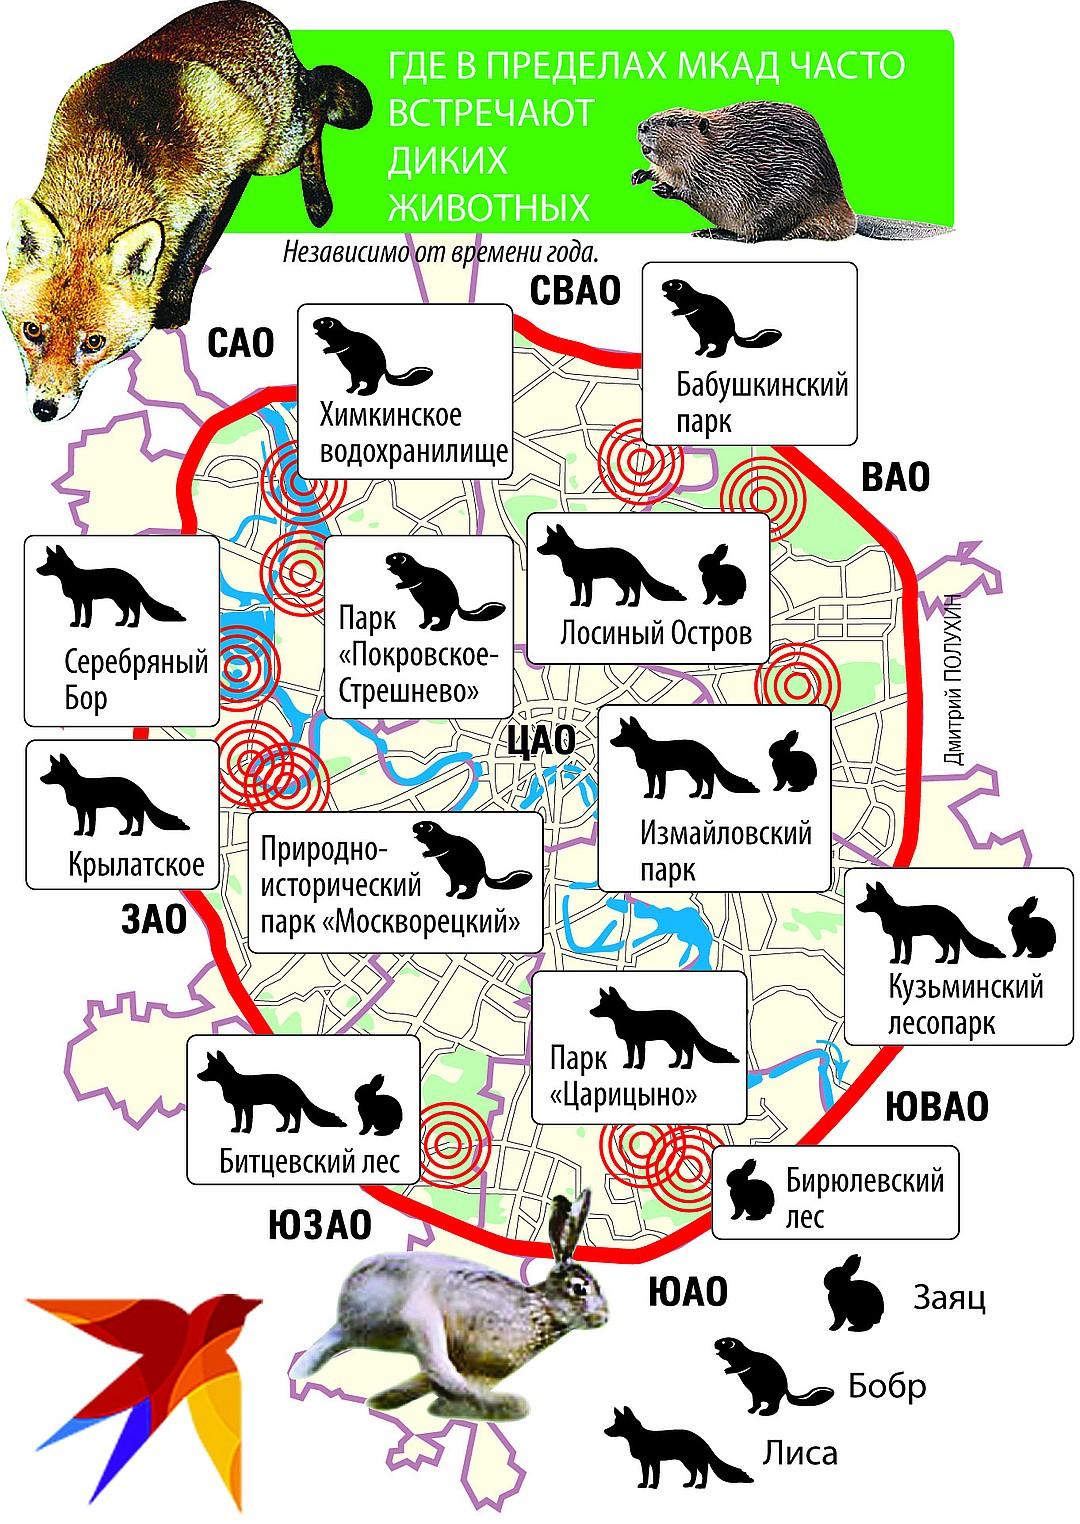 Одними только лисами миграция животных из Подмосковья в Москву не ограничивается Фото: Дмитрий ПОЛУХИН